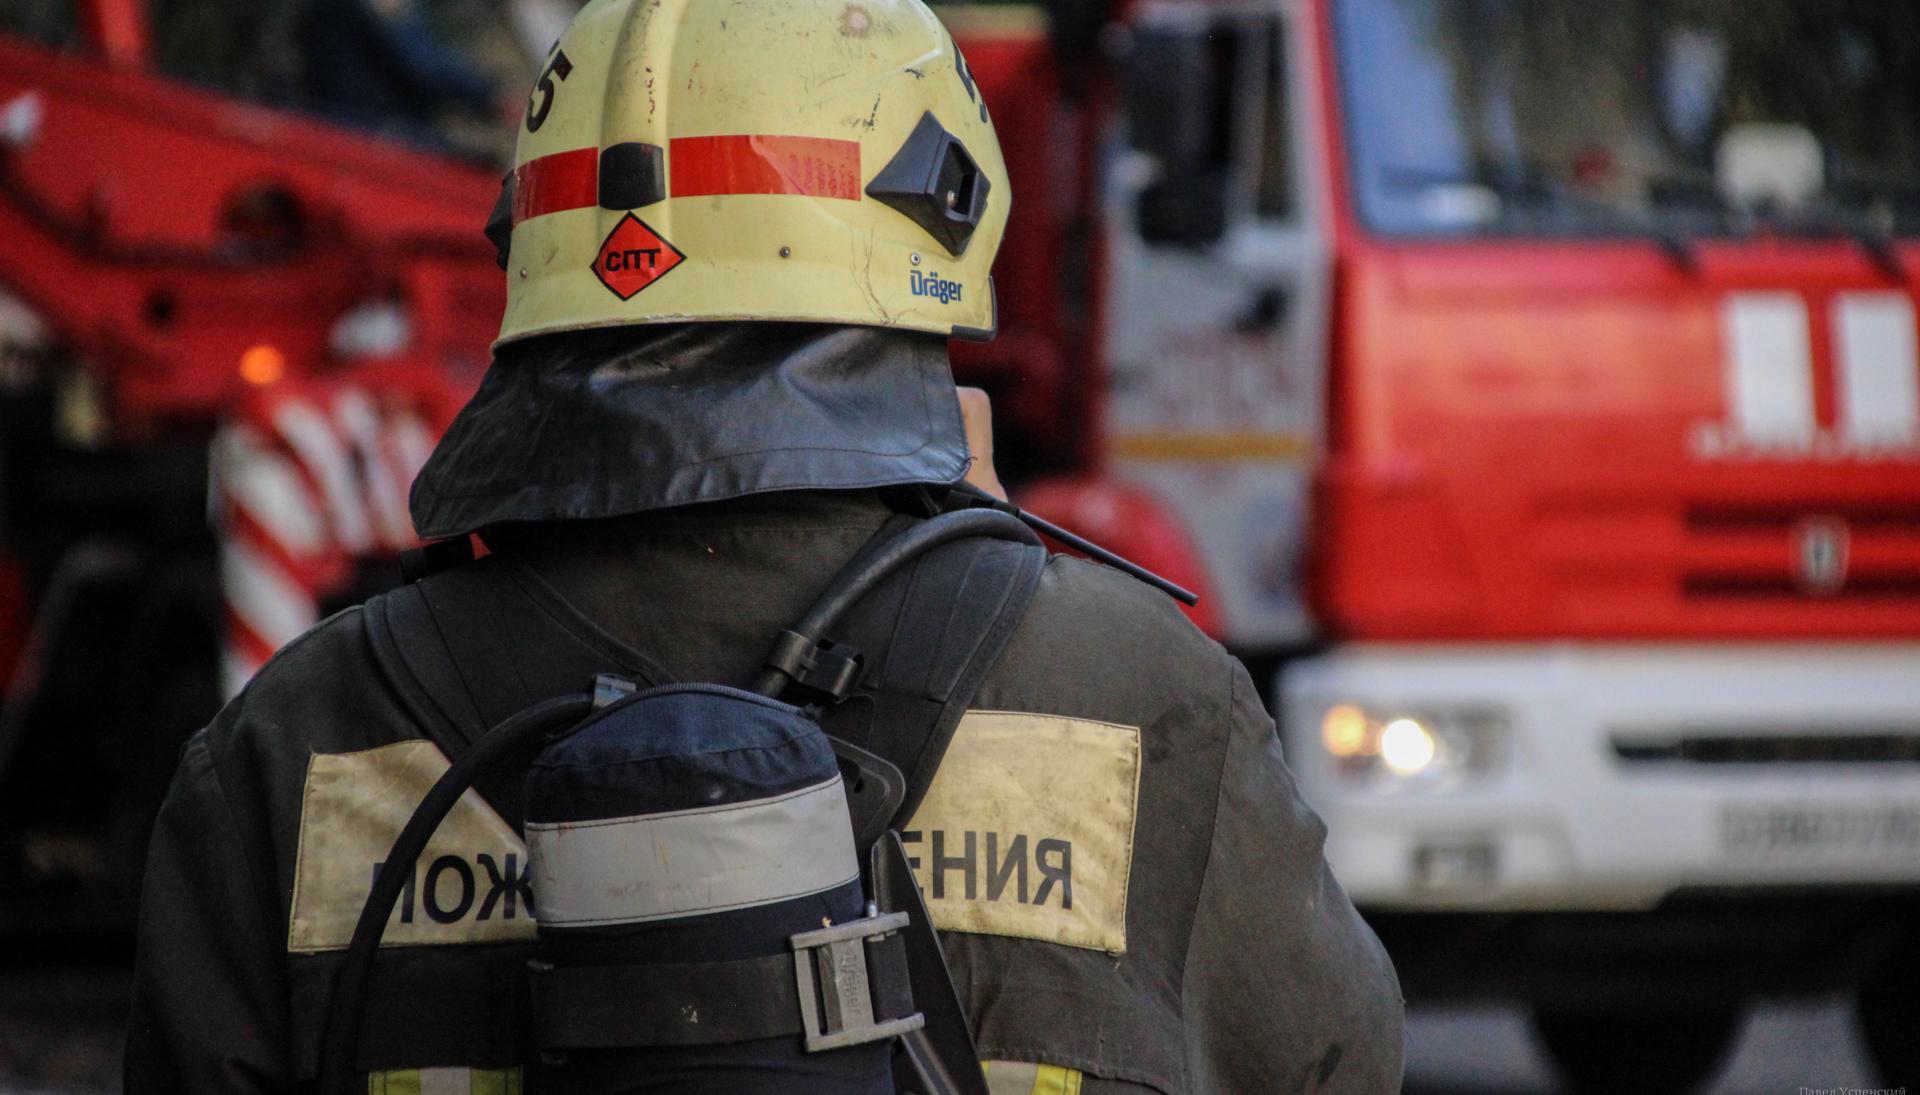 Ранним утром в Твери пожарные тушили парикмахерскую - новости Афанасий